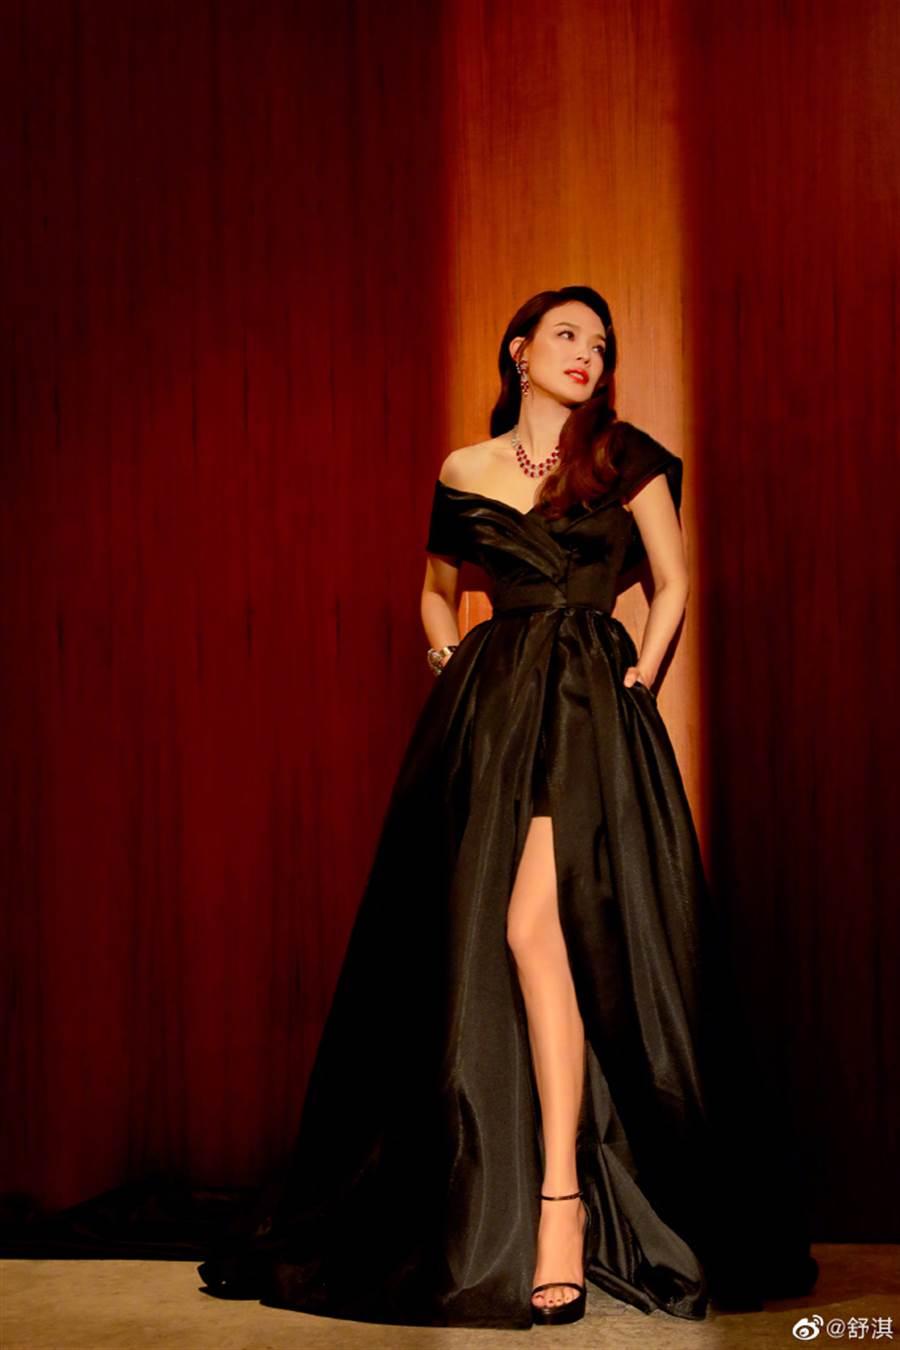 舒淇佩戴寶格麗Heritage典藏系列珠寶優雅亮相,以鉑金與紅寶石,綻放出甜蜜歡愉的義式風情。(圖/翻攝自微博@舒淇)